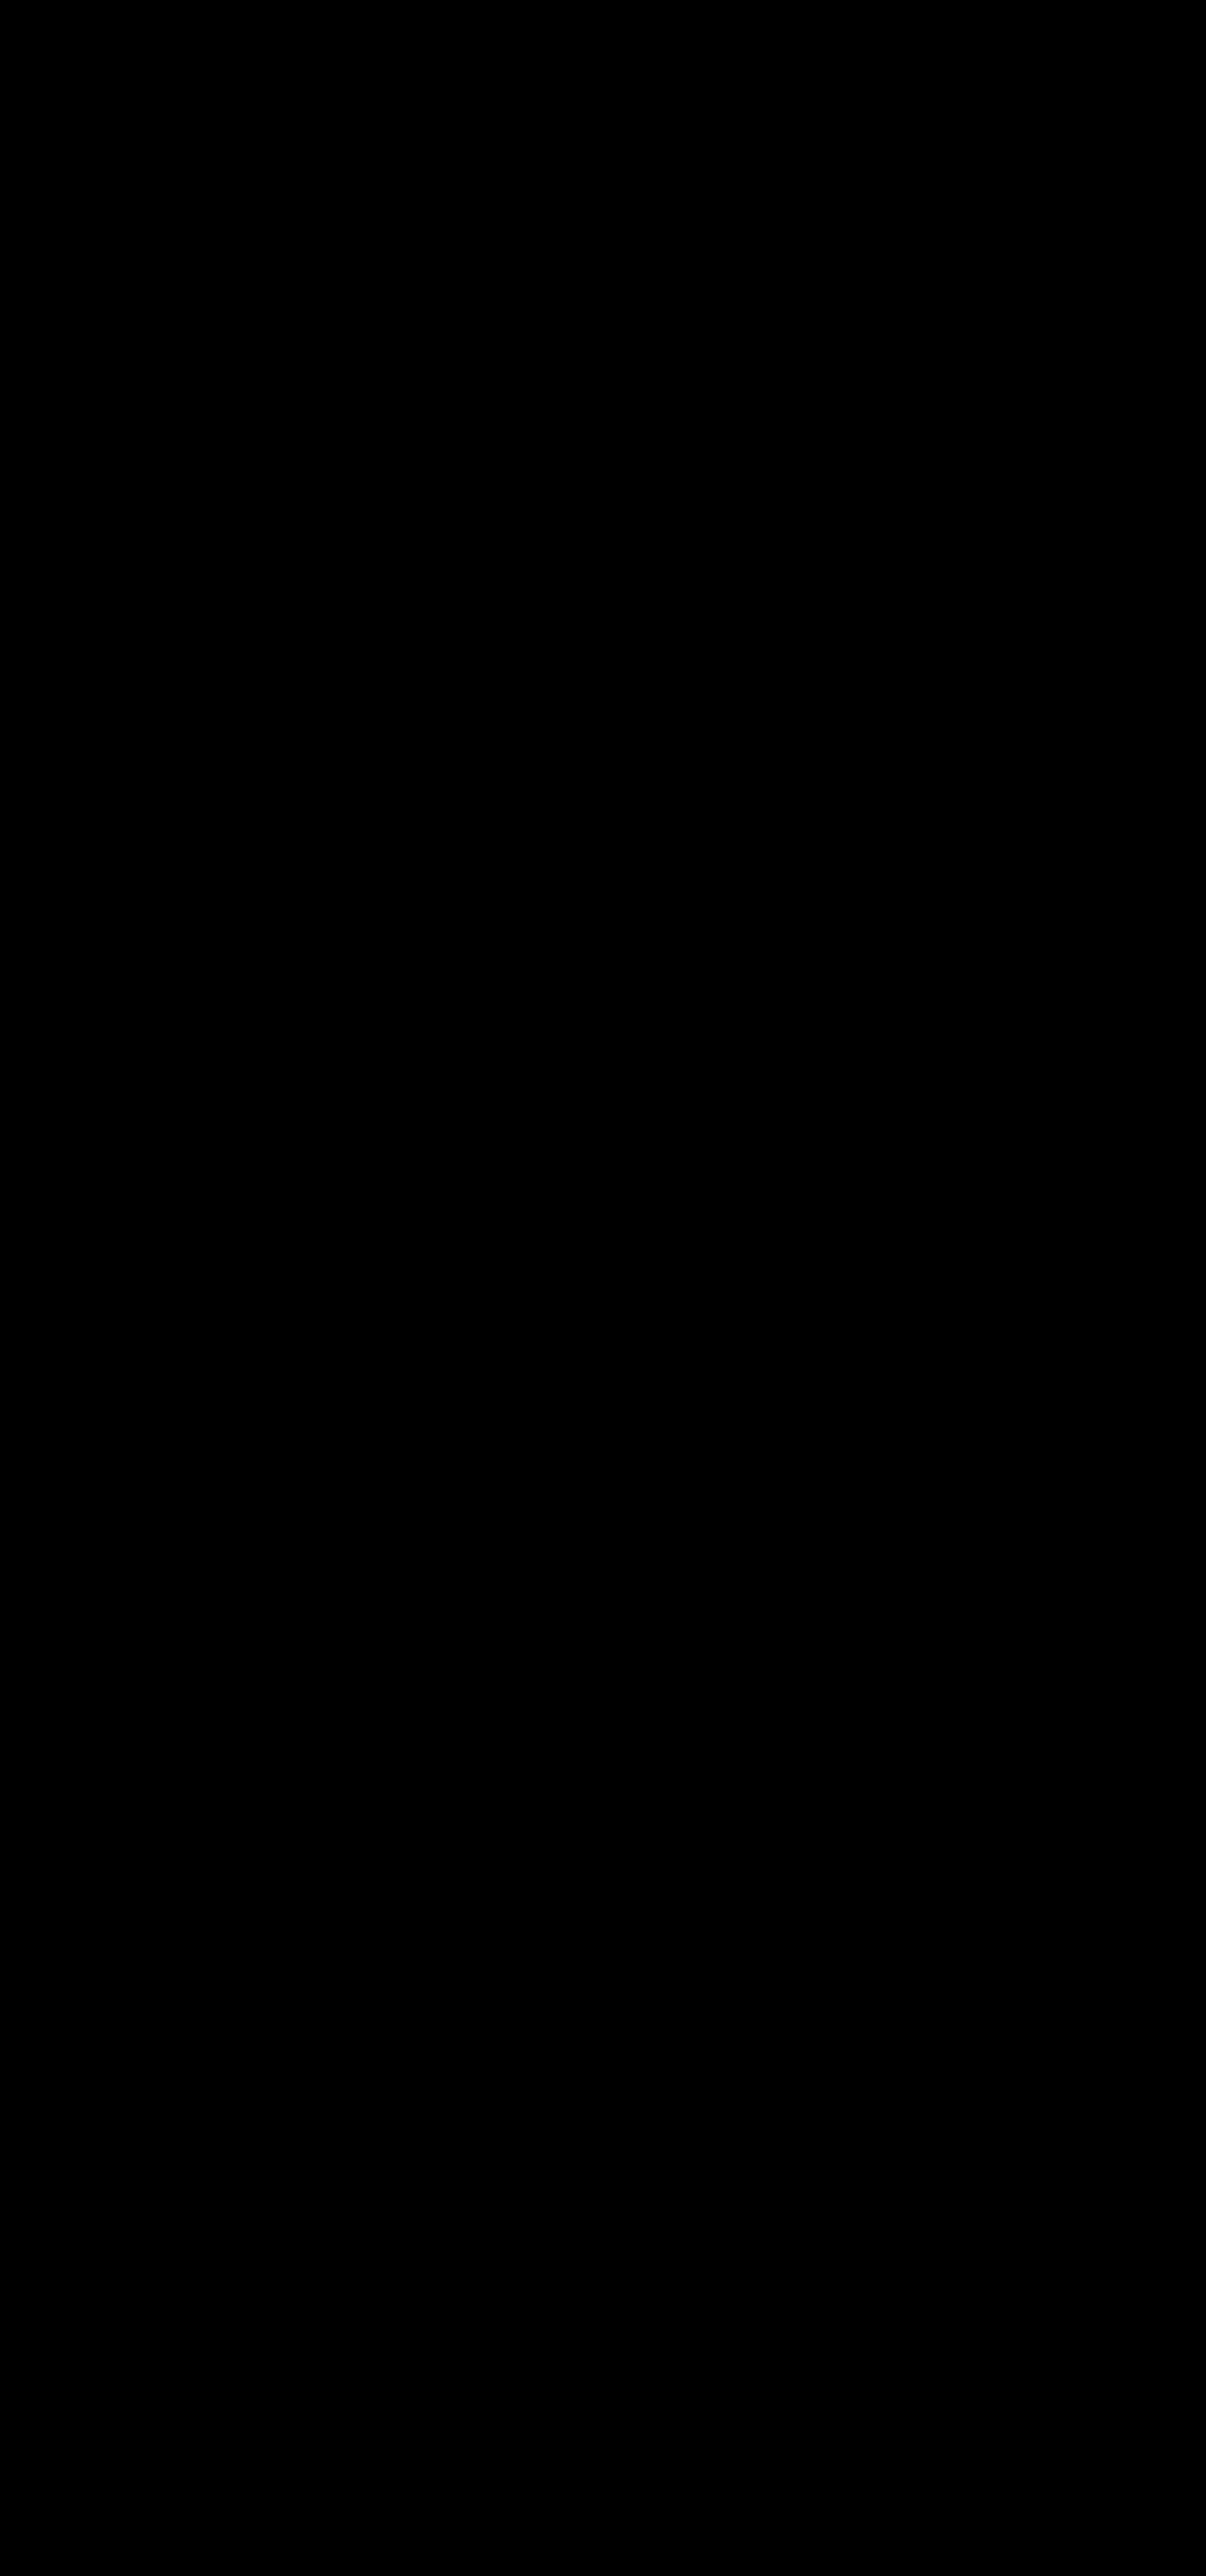 bts logo 2 - BTS Logo